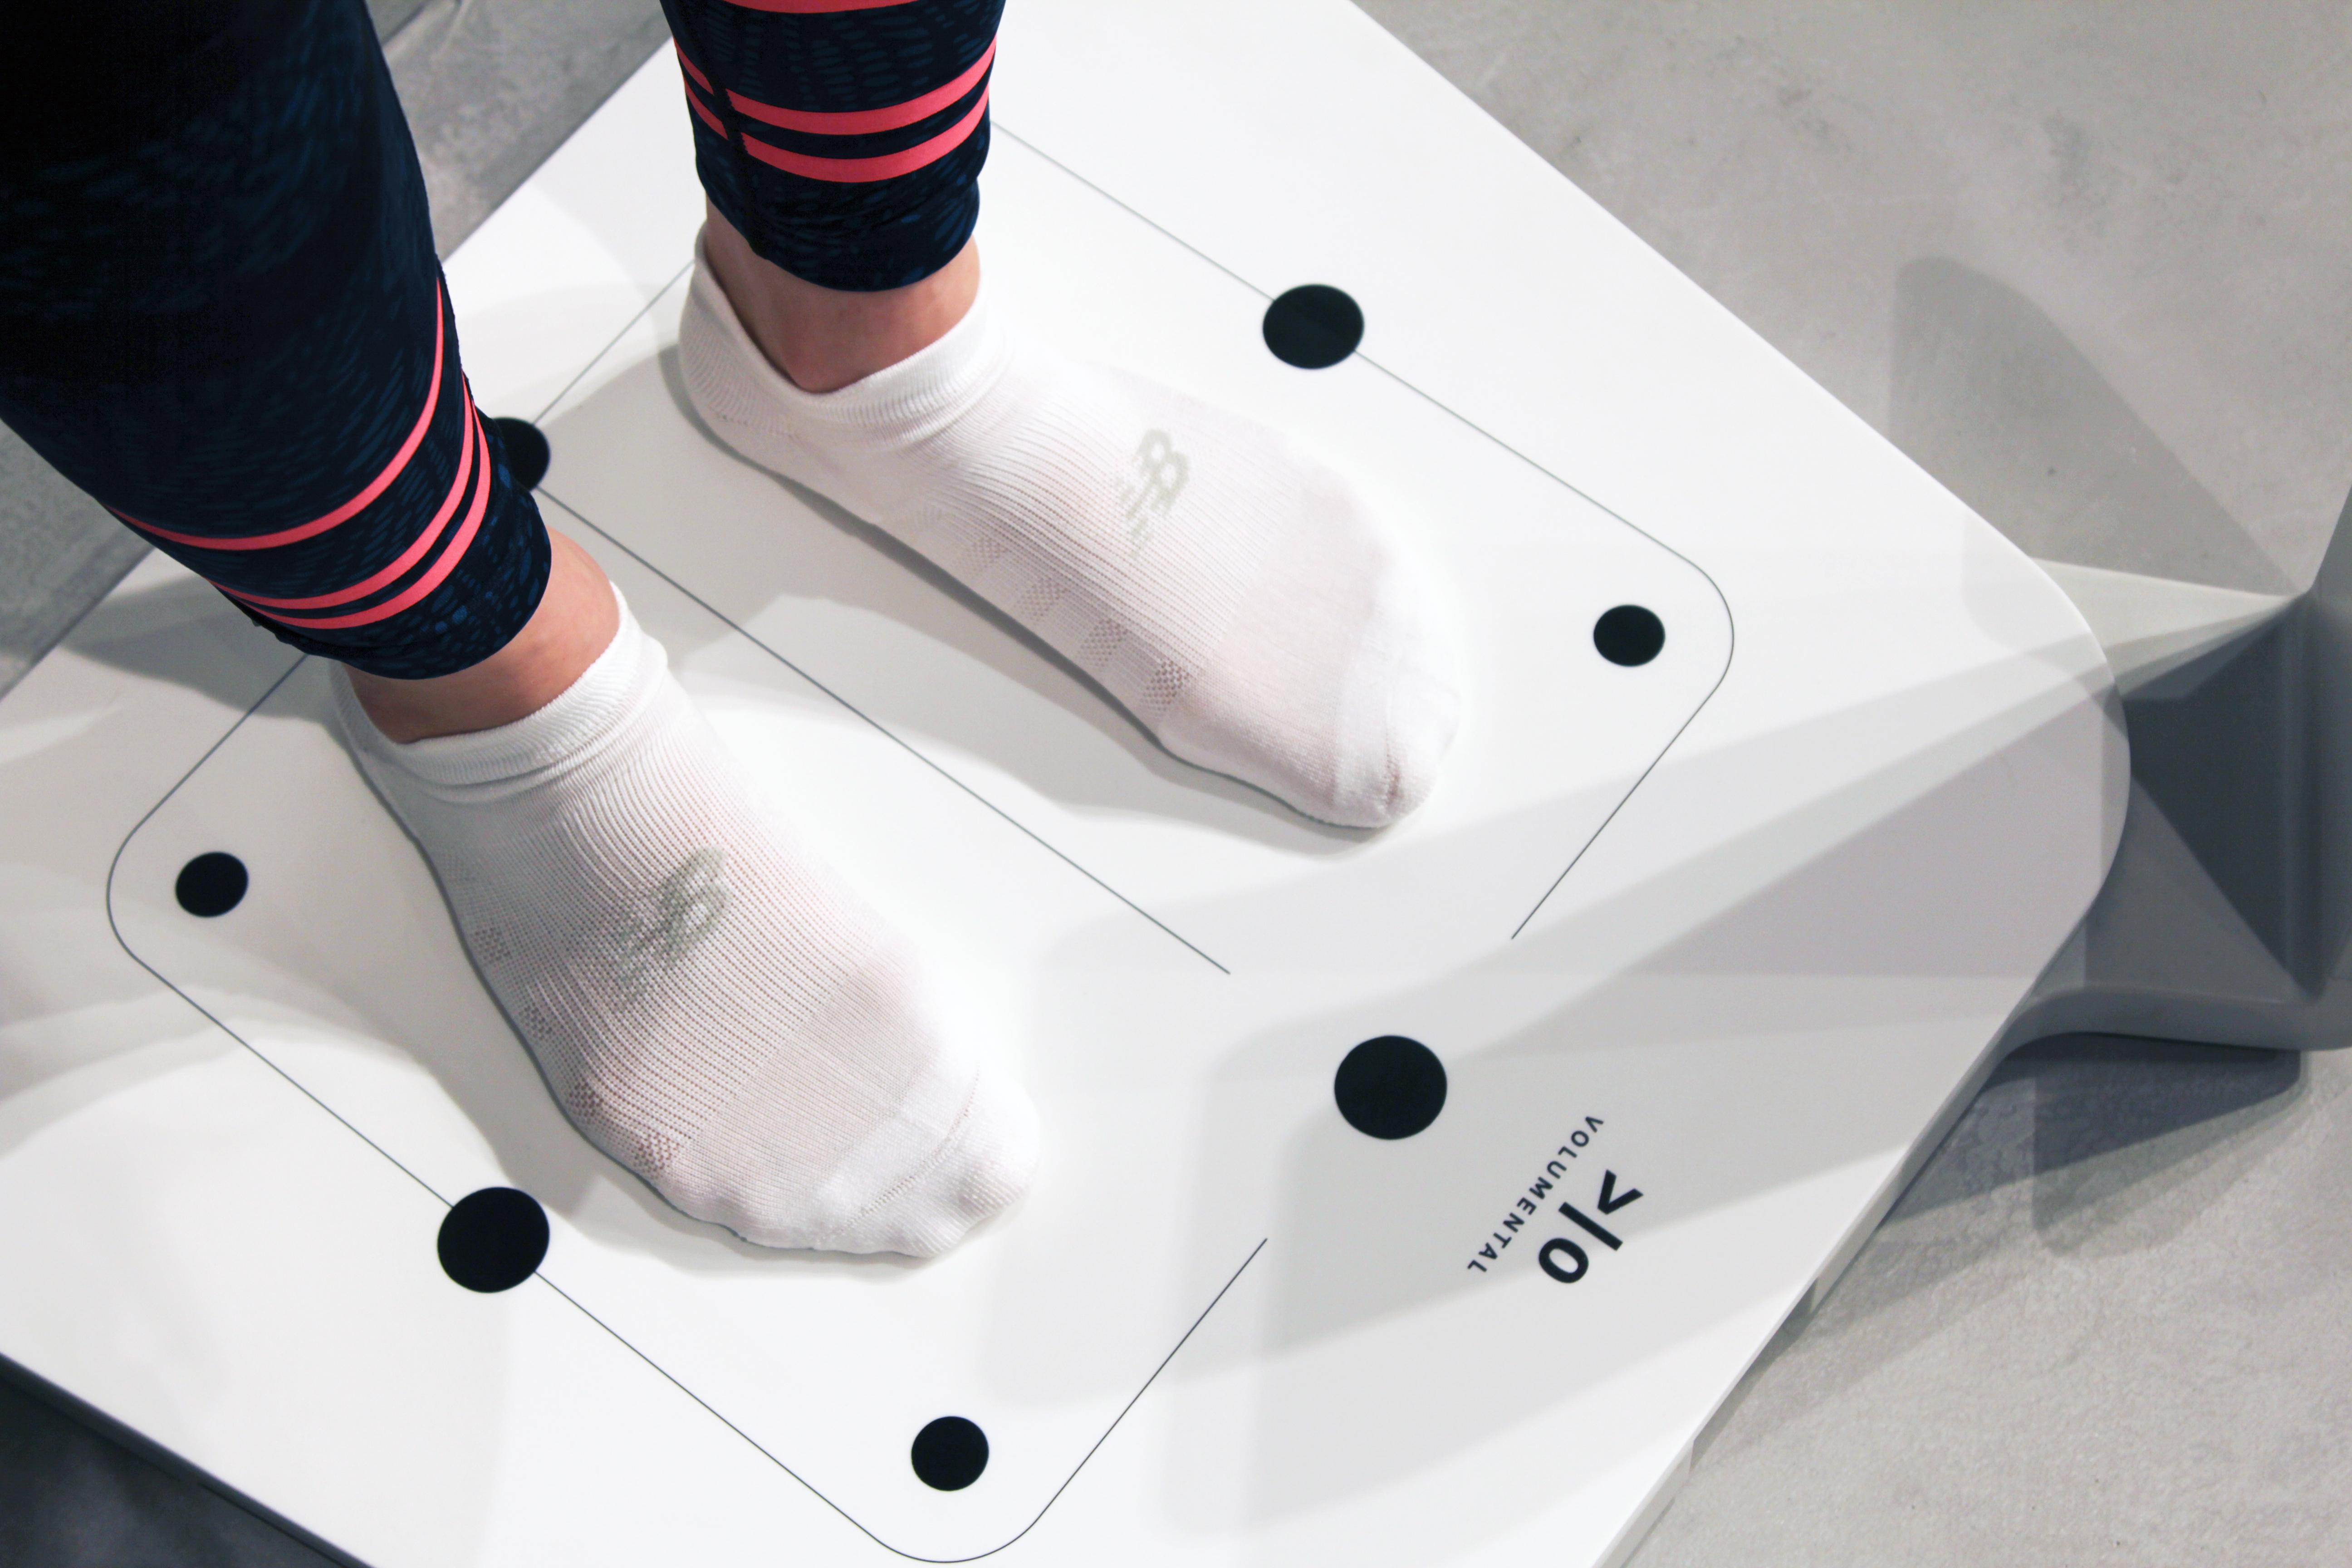 Volumental foot scan in socks